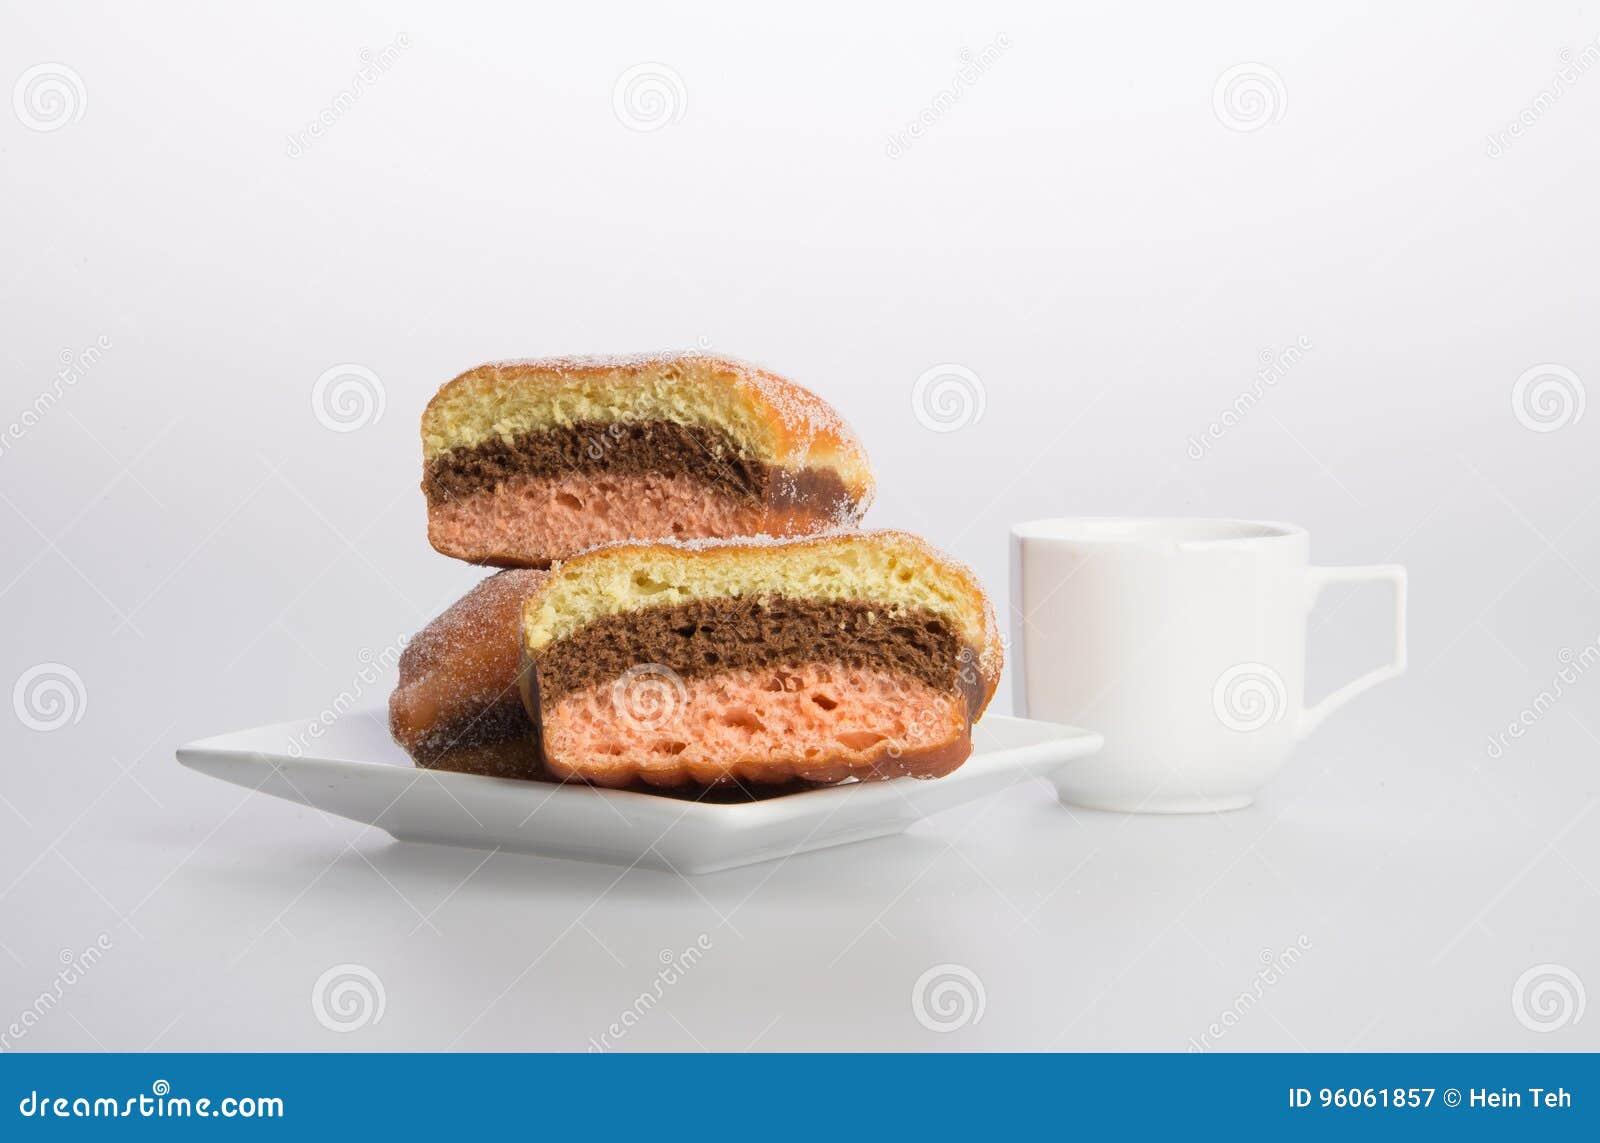 донут или донут и кофе на предпосылке